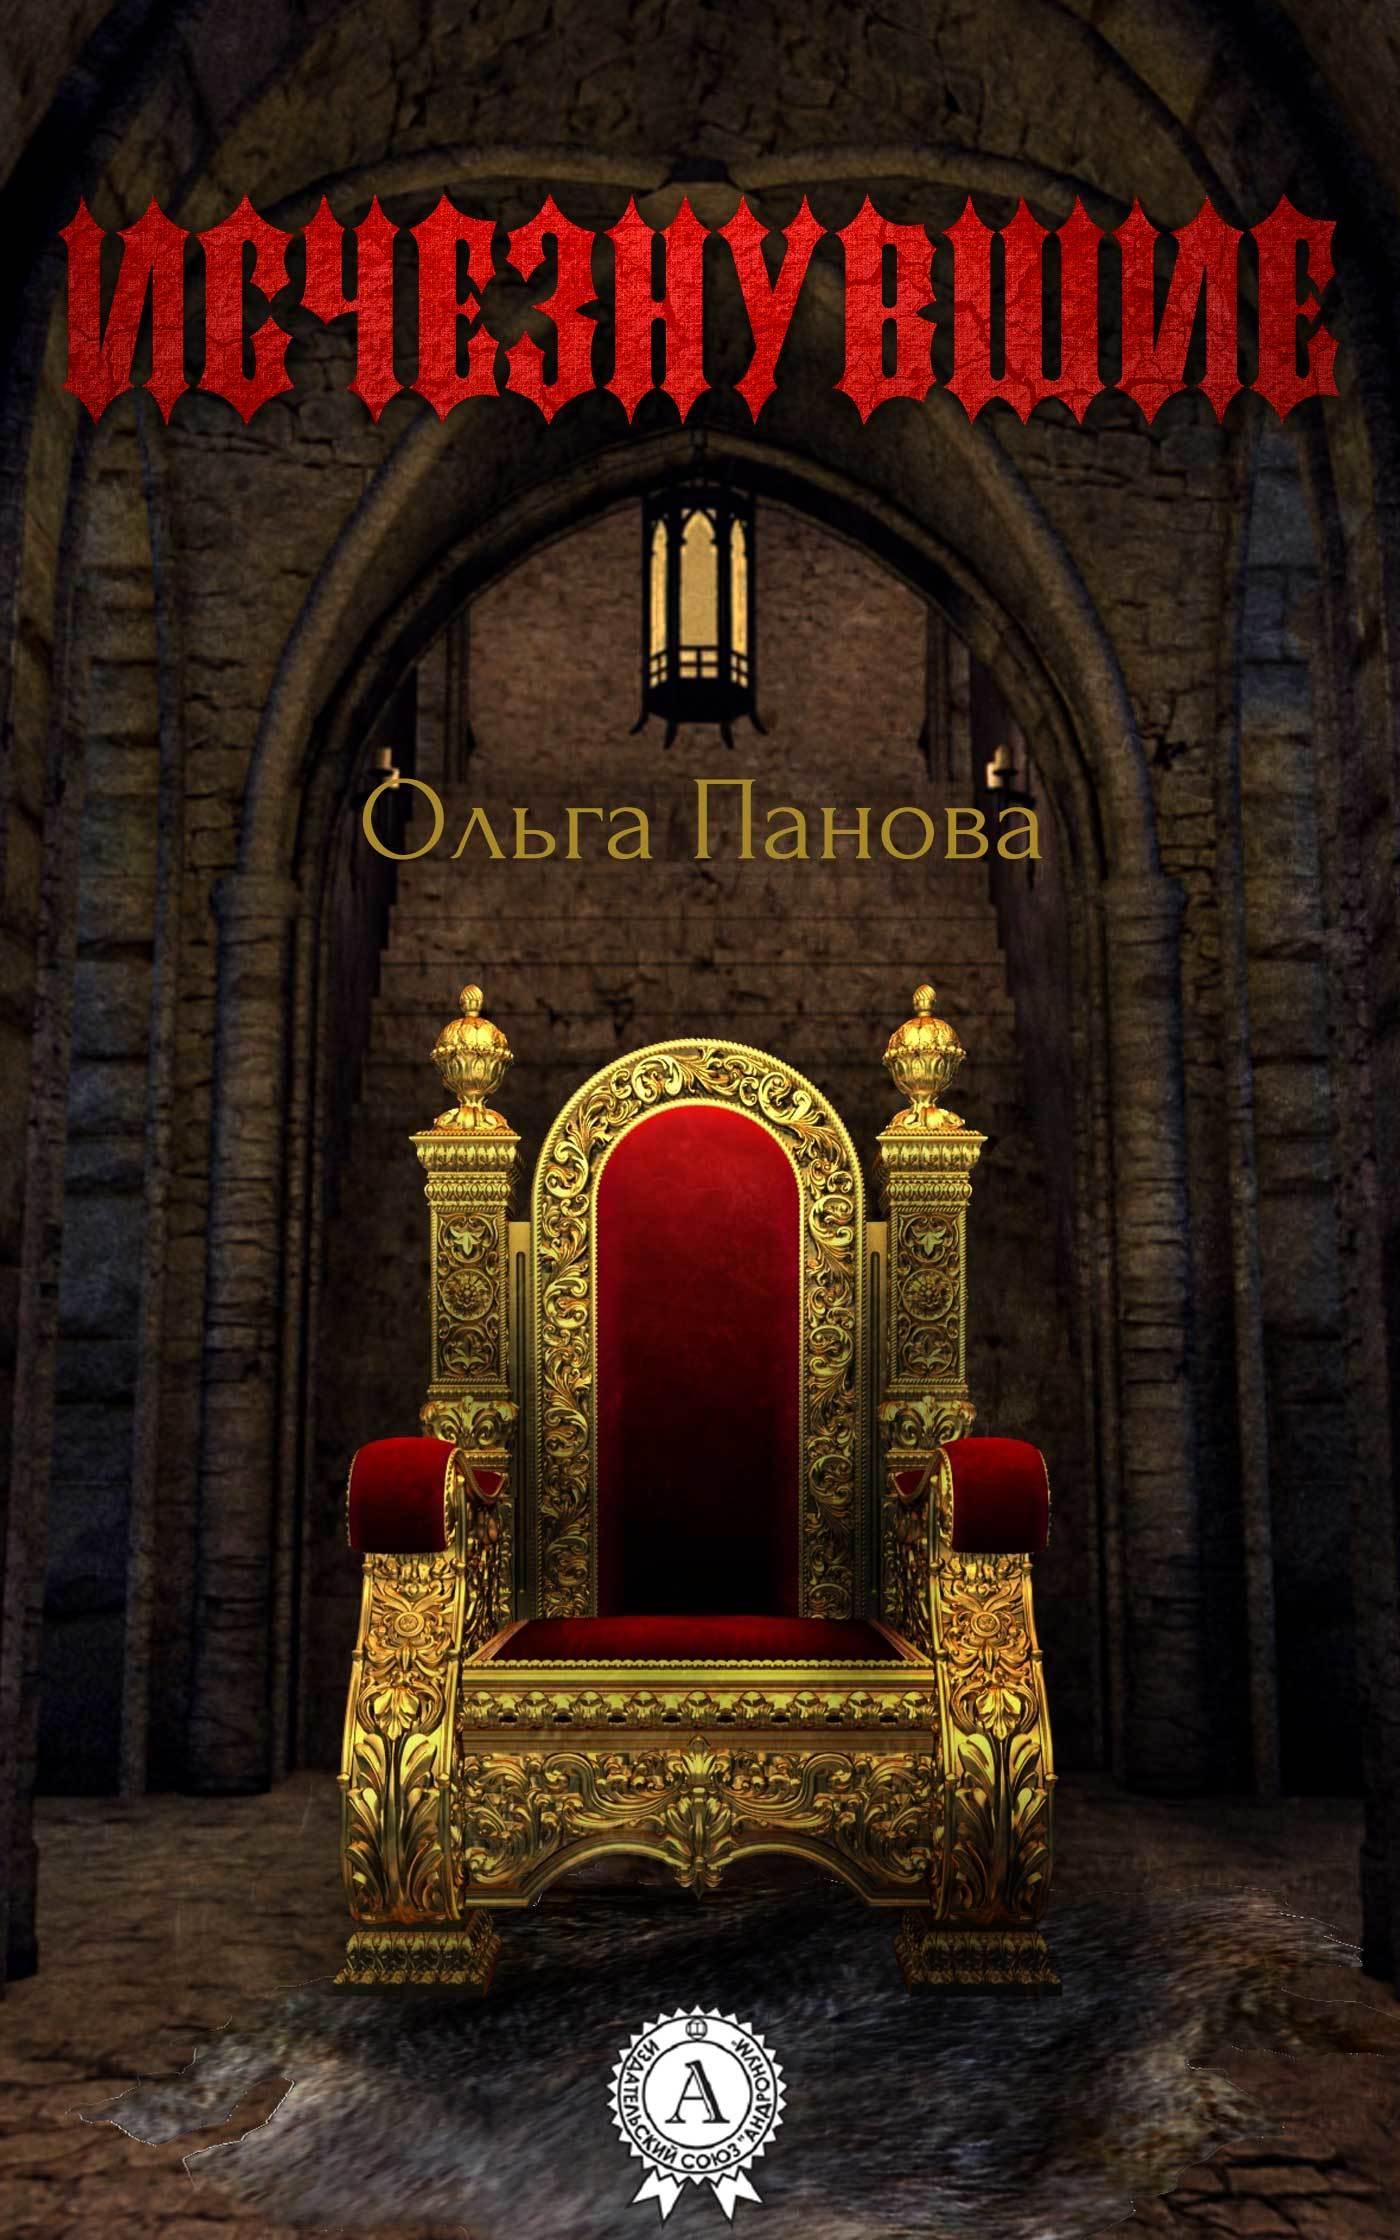 Ольга Панова - Исчезнувшие